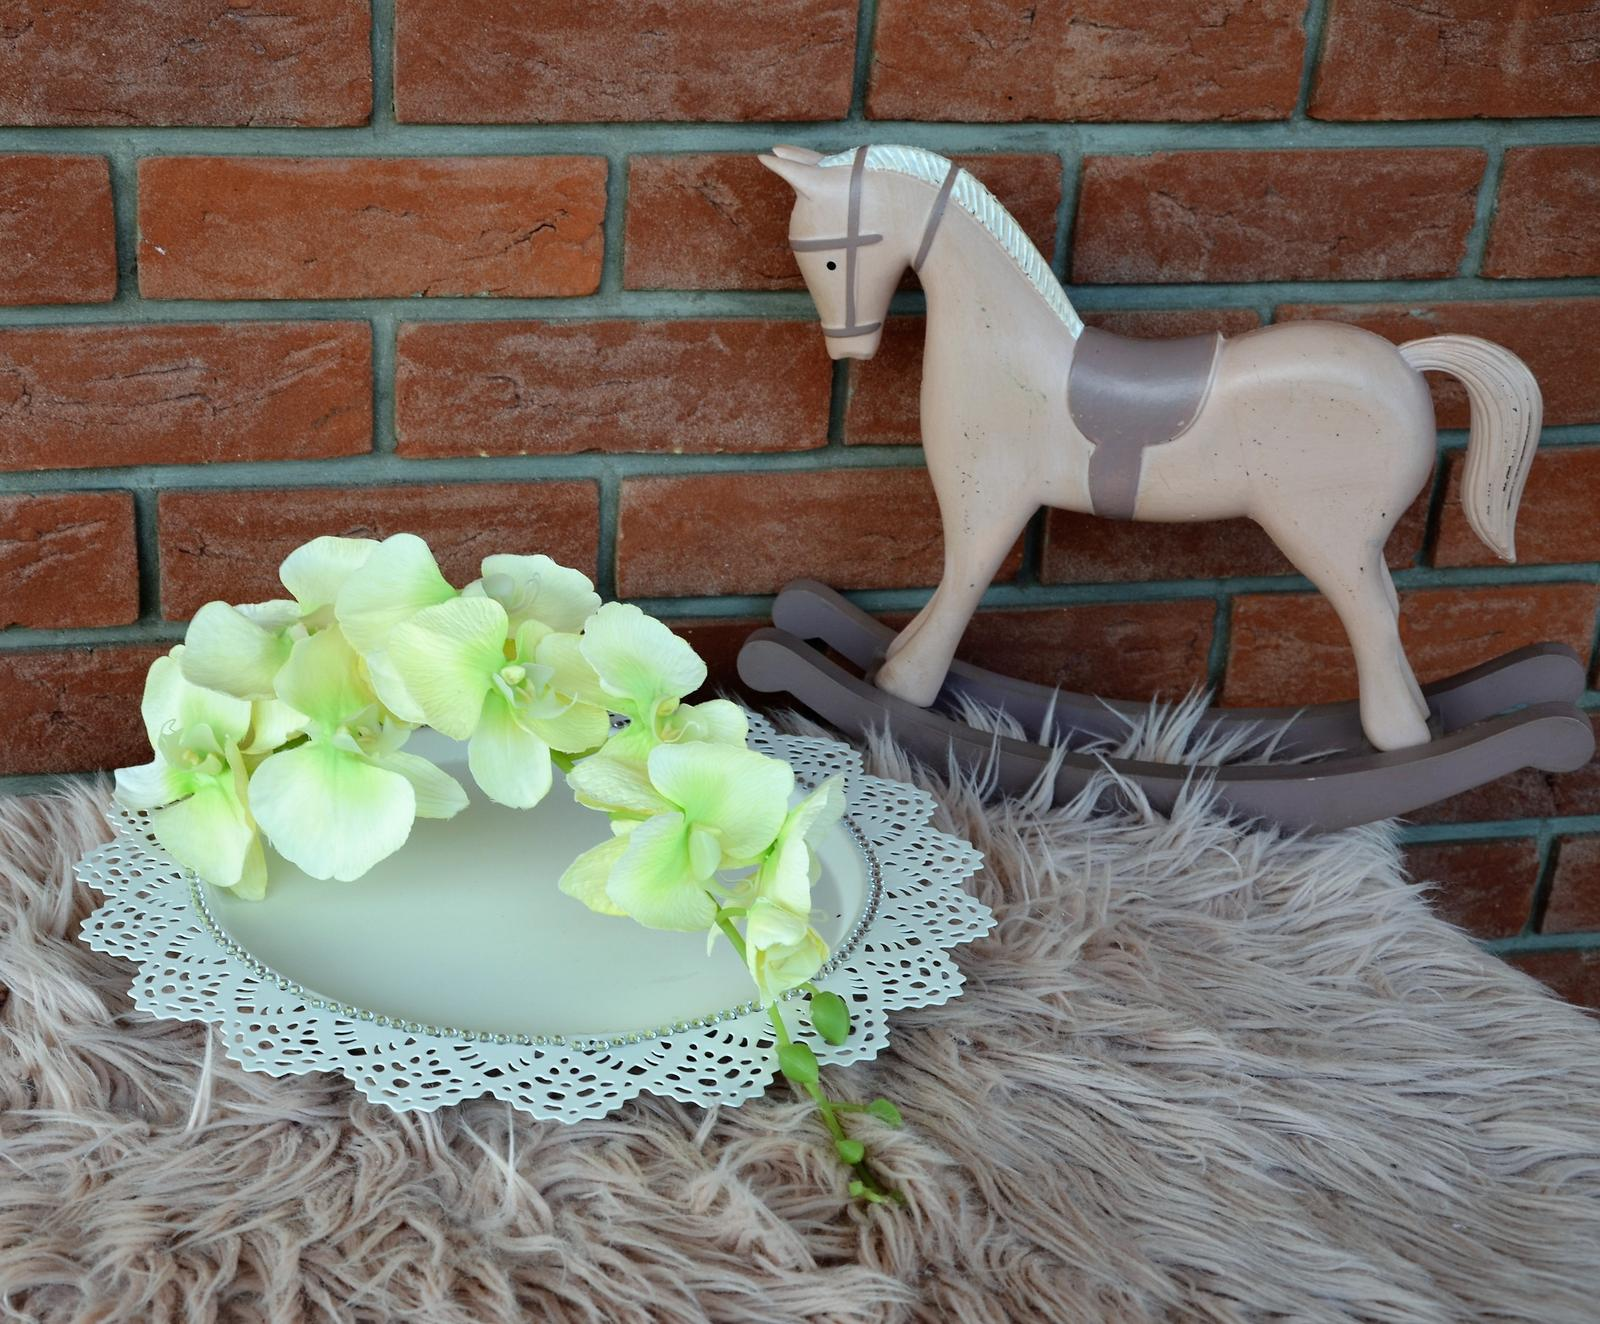 zelená orchidea č 2 - Obrázok č. 1